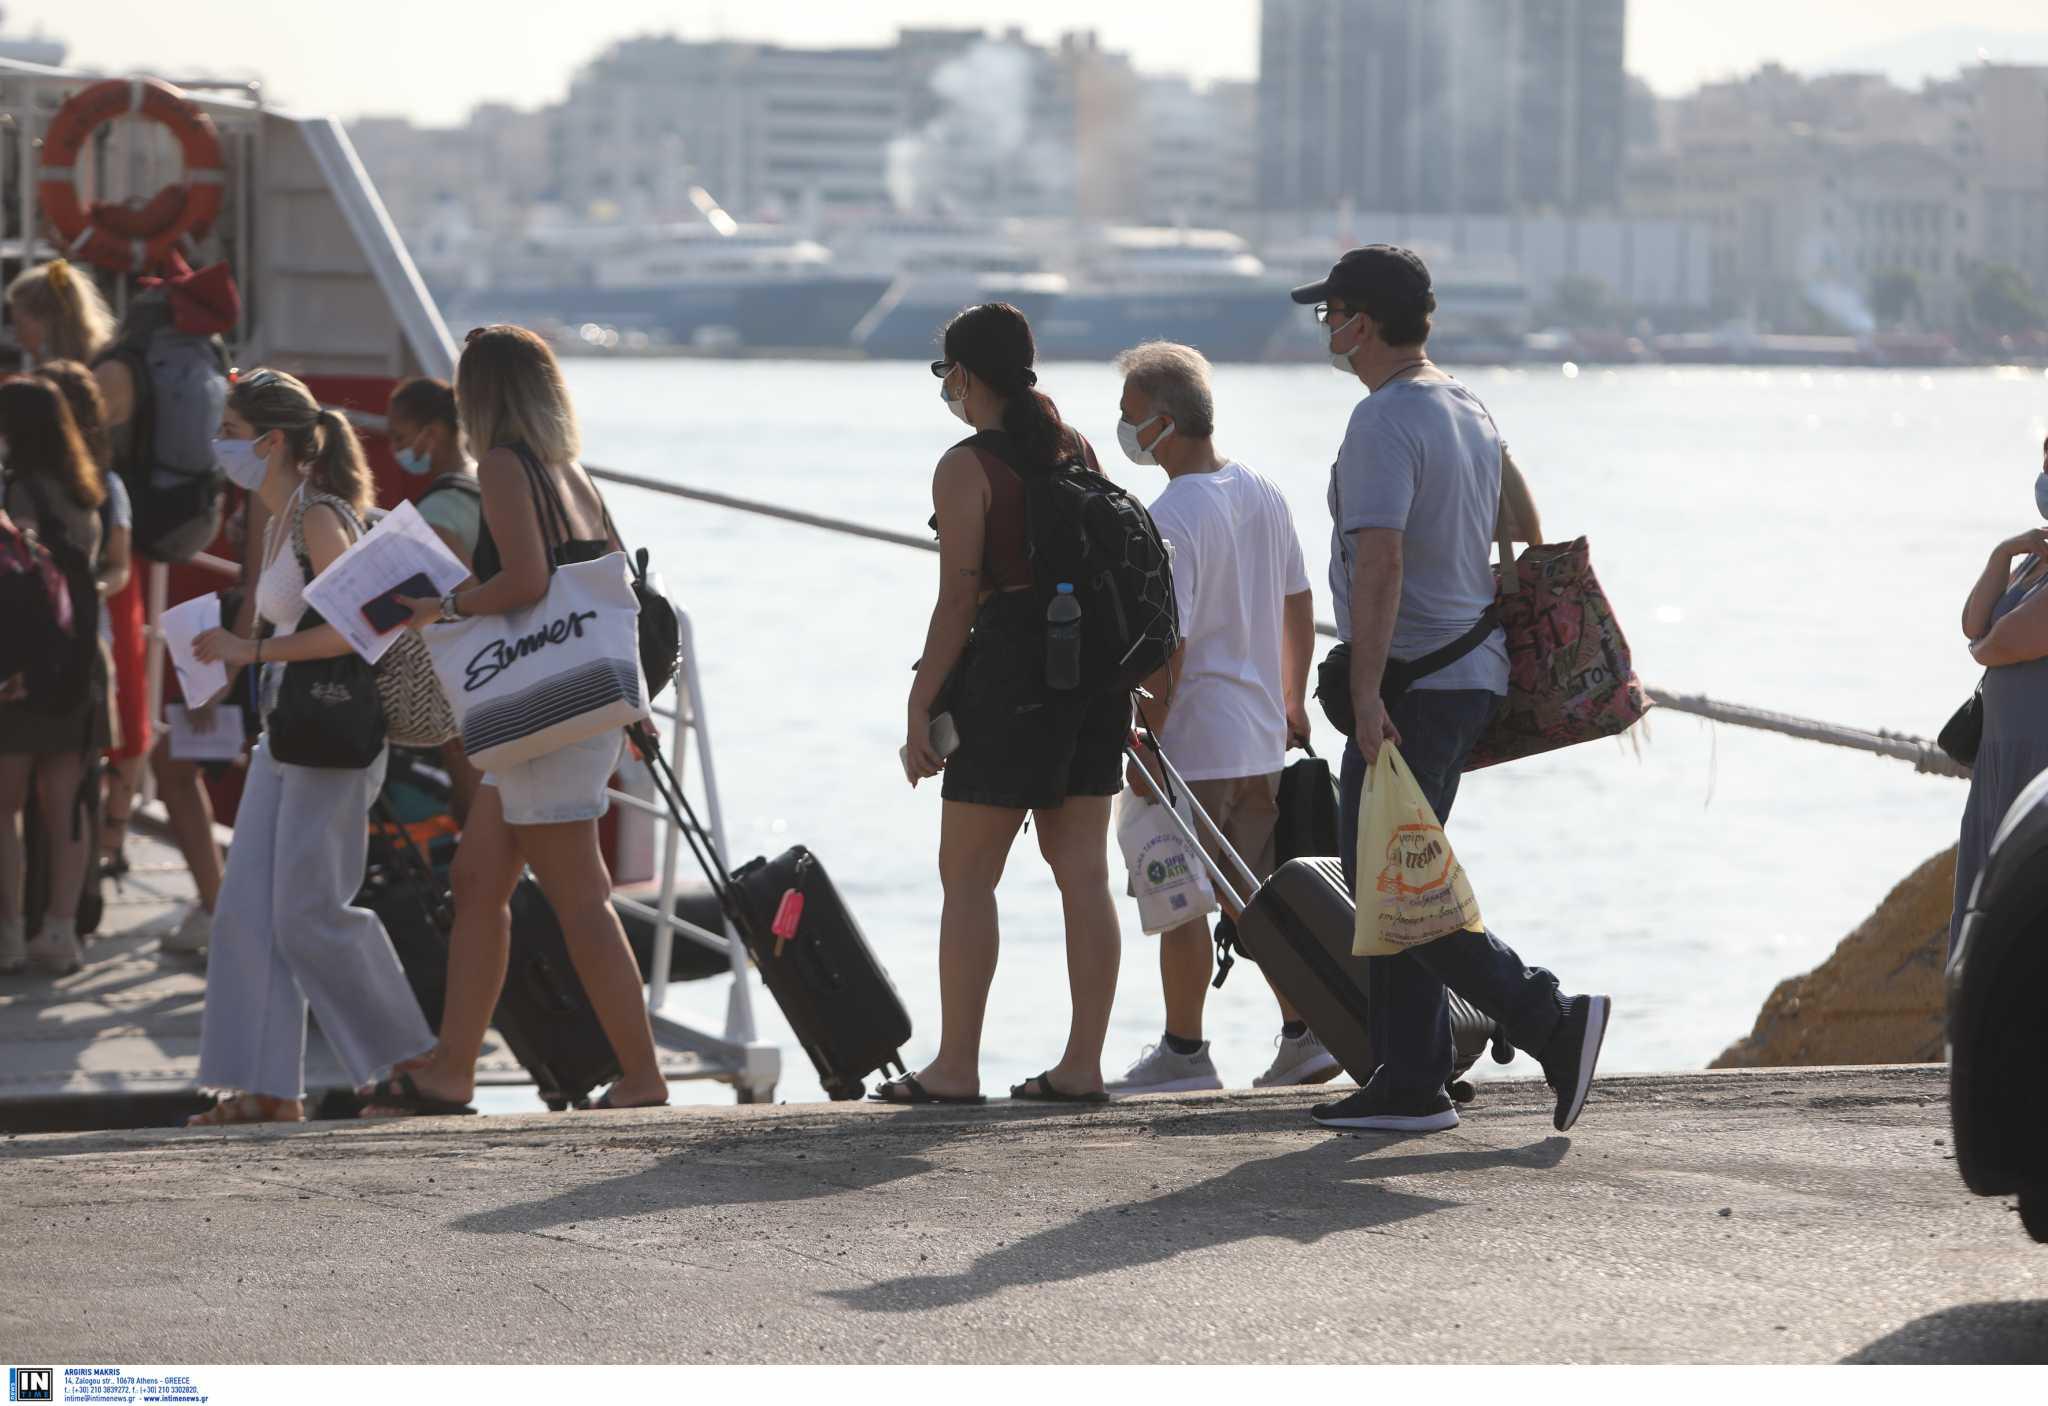 Κοροναϊός: Μεγάλη βρετανική μελέτη αποκαλύπτει τους χώρους με τον μεγαλύτερο κίνδυνο μετάδοσης